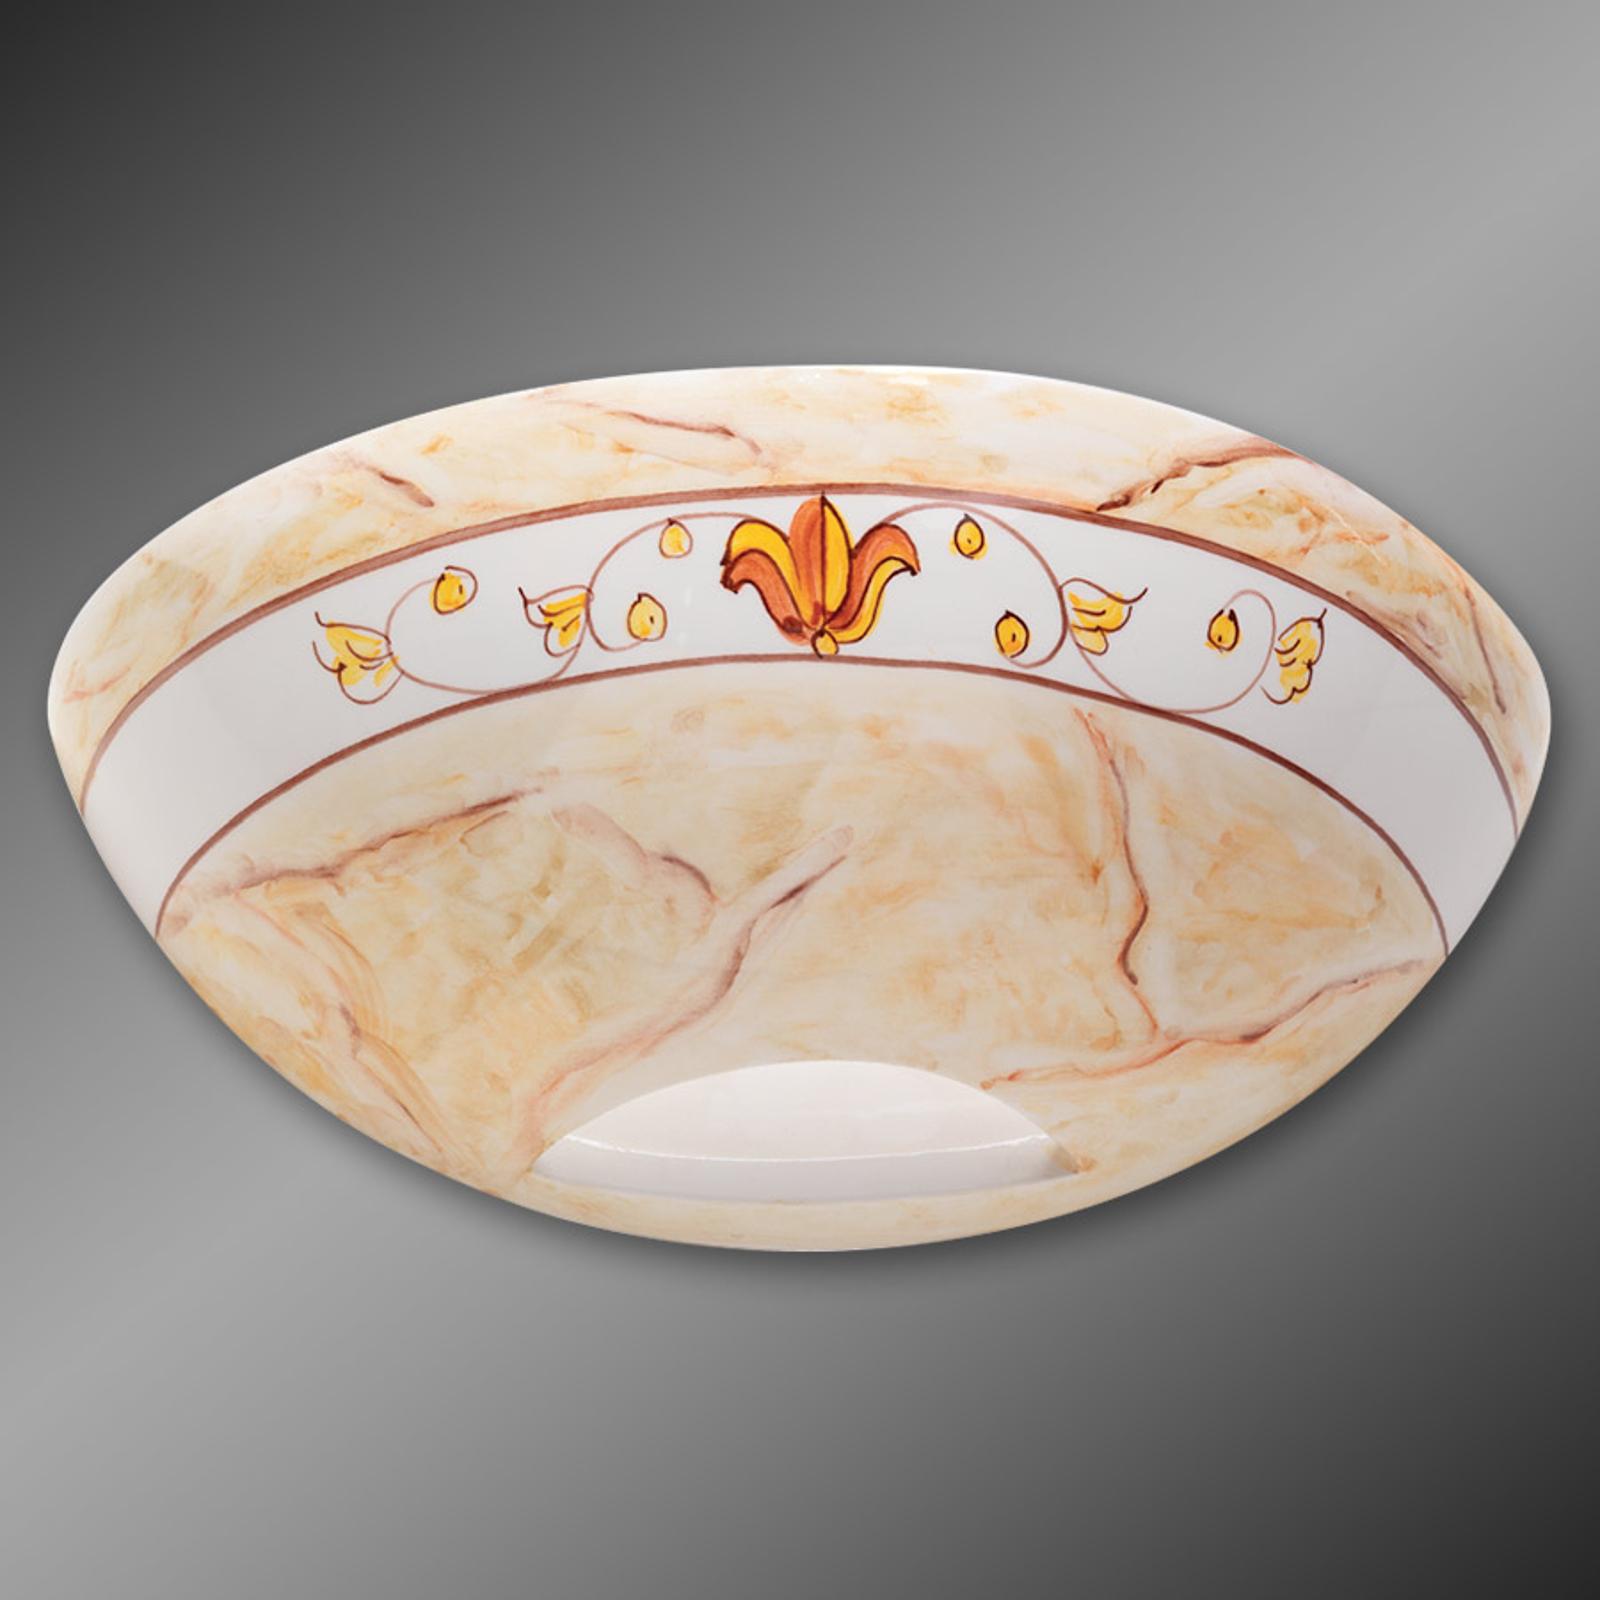 Aplique de cerámica Marmorino ocre